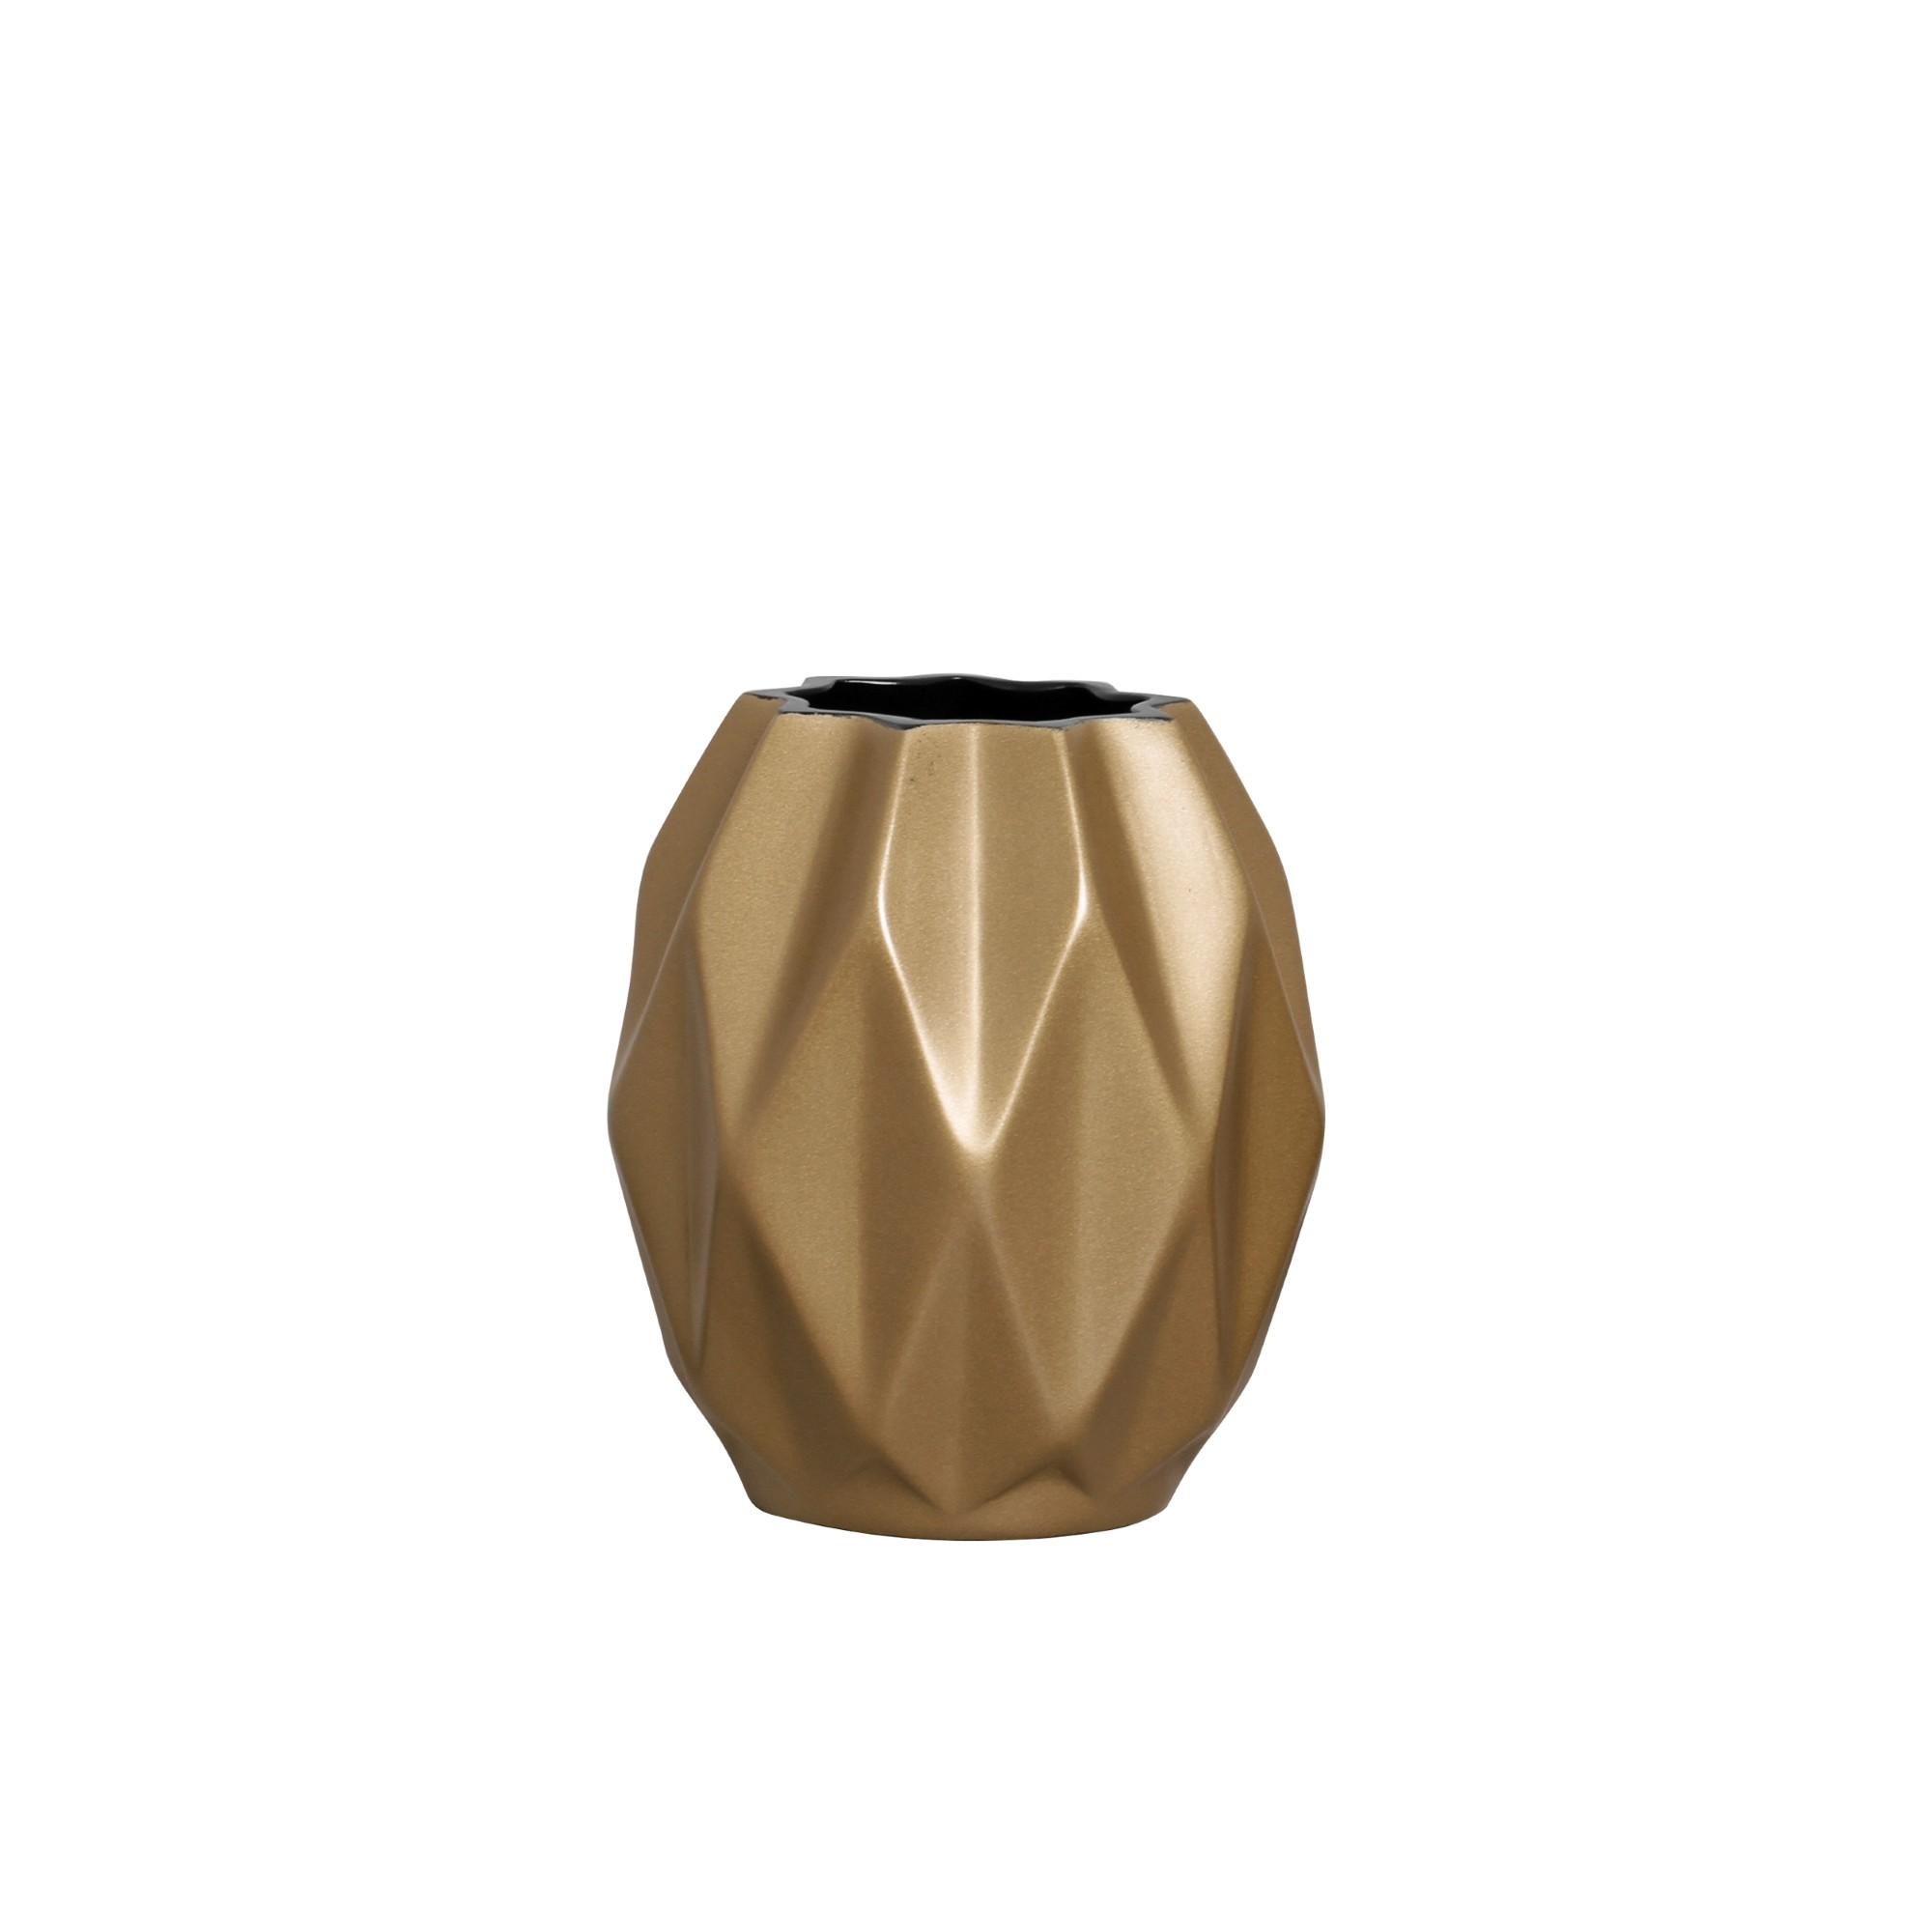 Vaso Decorativo Ceramica 16cm Redondo Dourado 5215 - Ana Maria